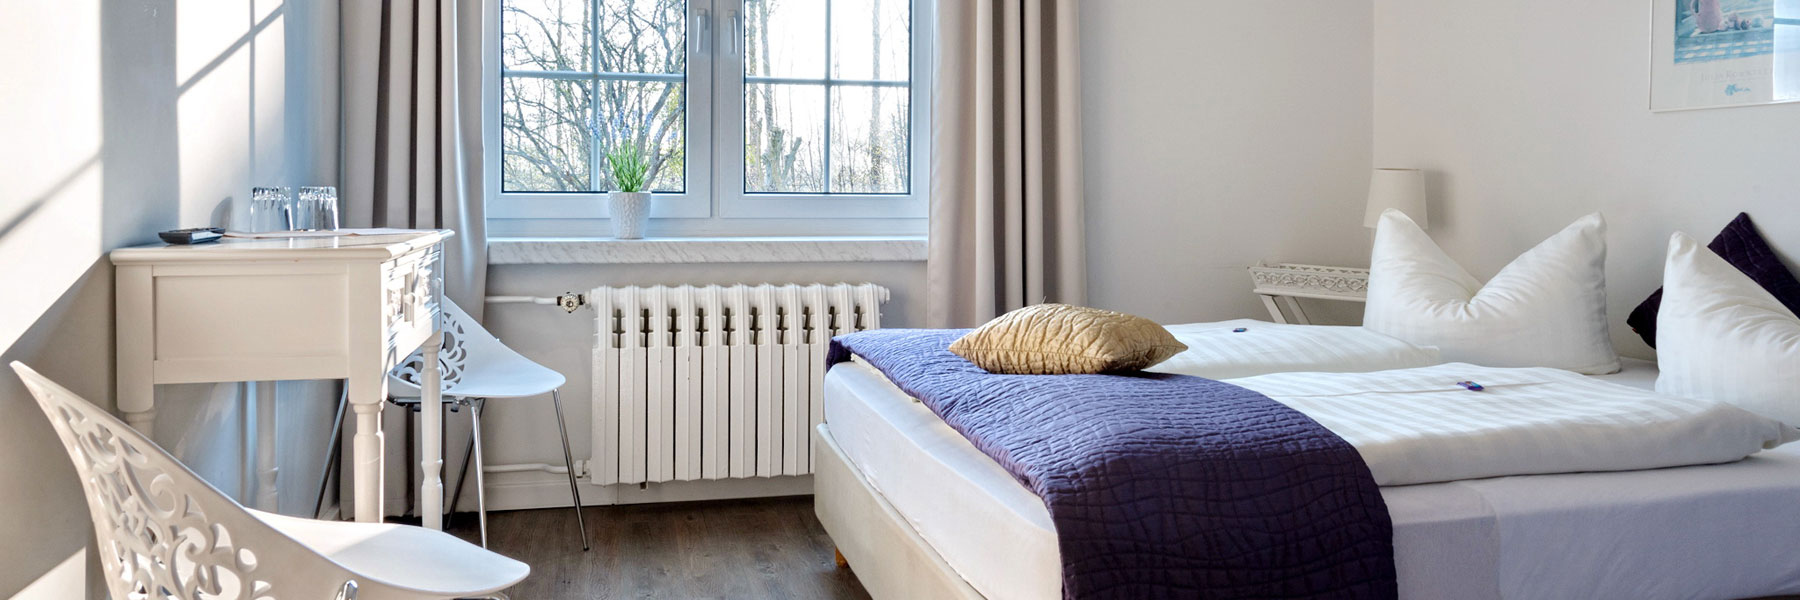 Doppelzimmer - Hotel Haus ÜberLand